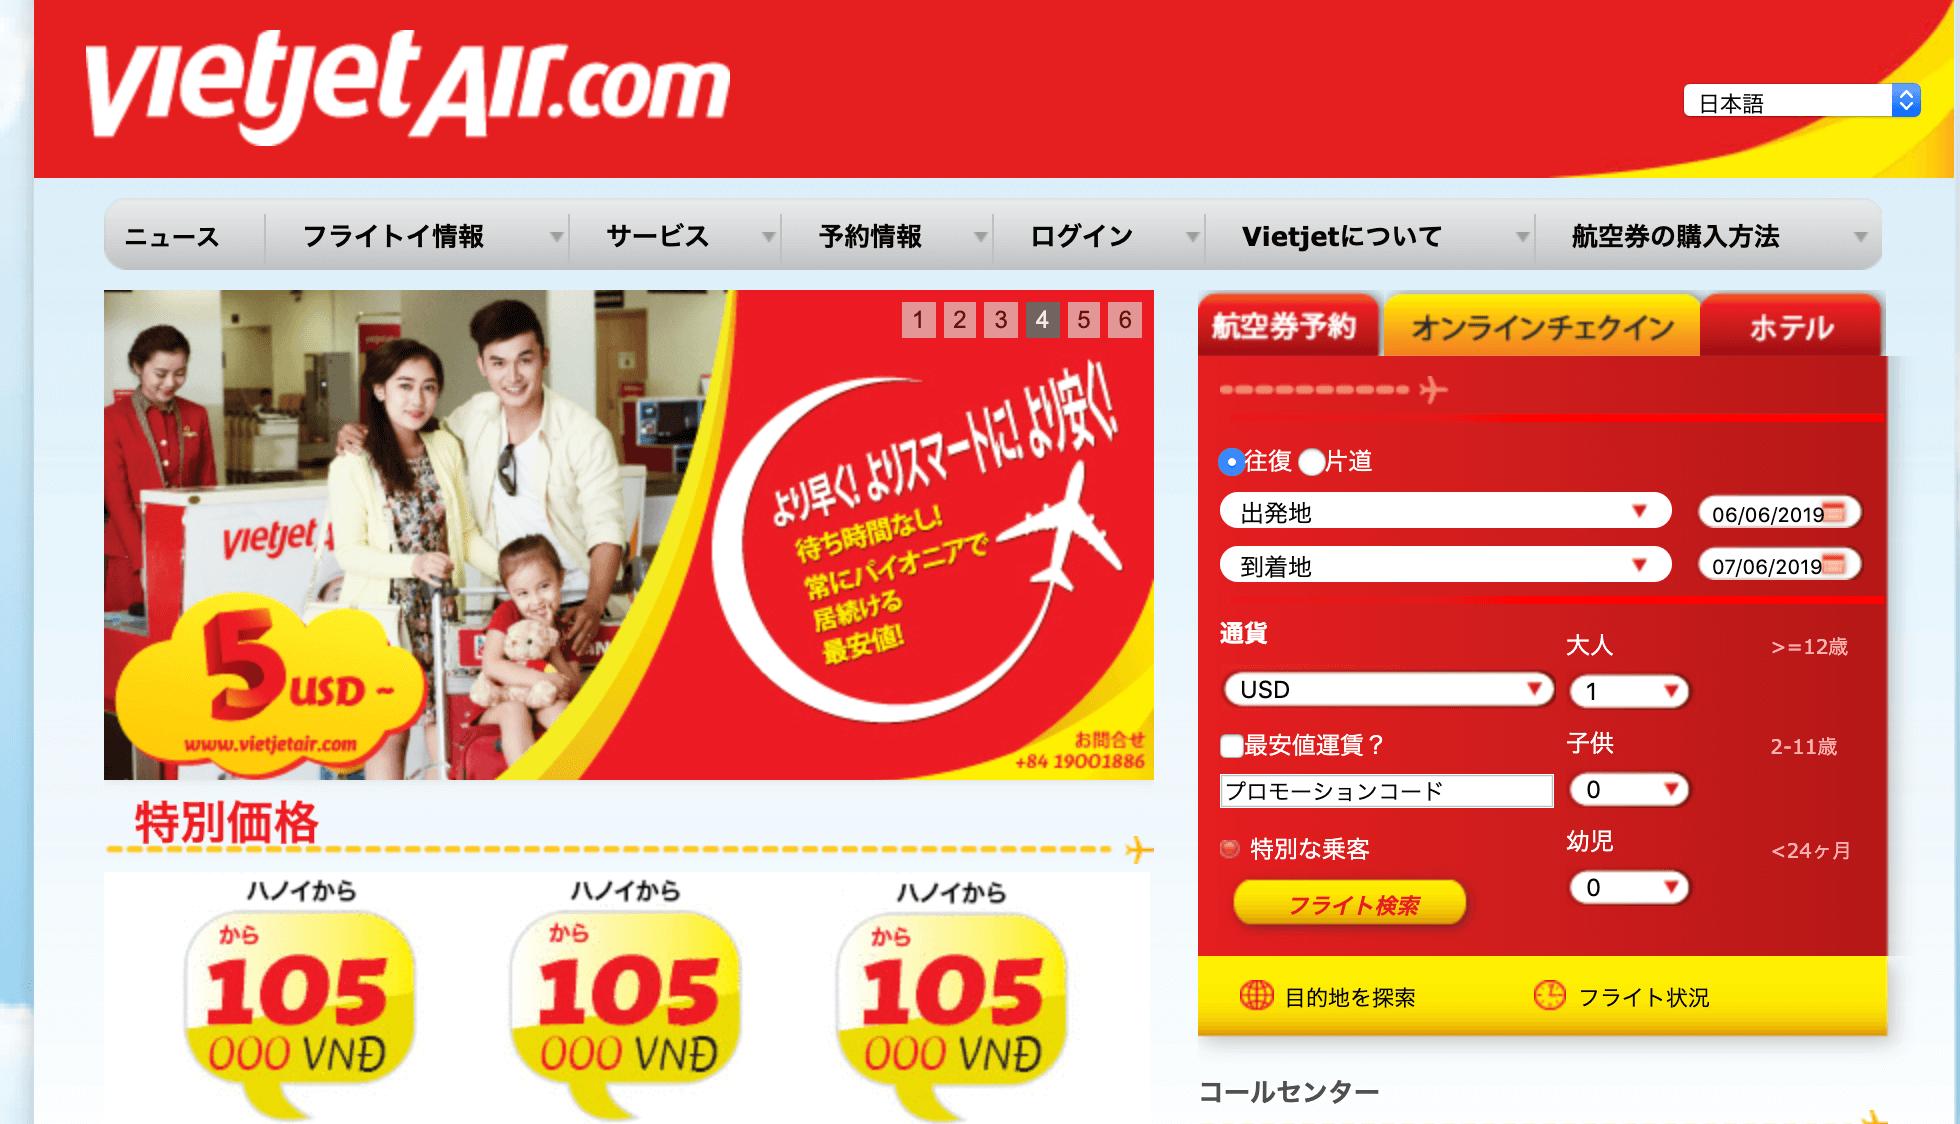 「ベトジェットエア」が日本発着路線で0VND(ベトナムドン)セールを実施